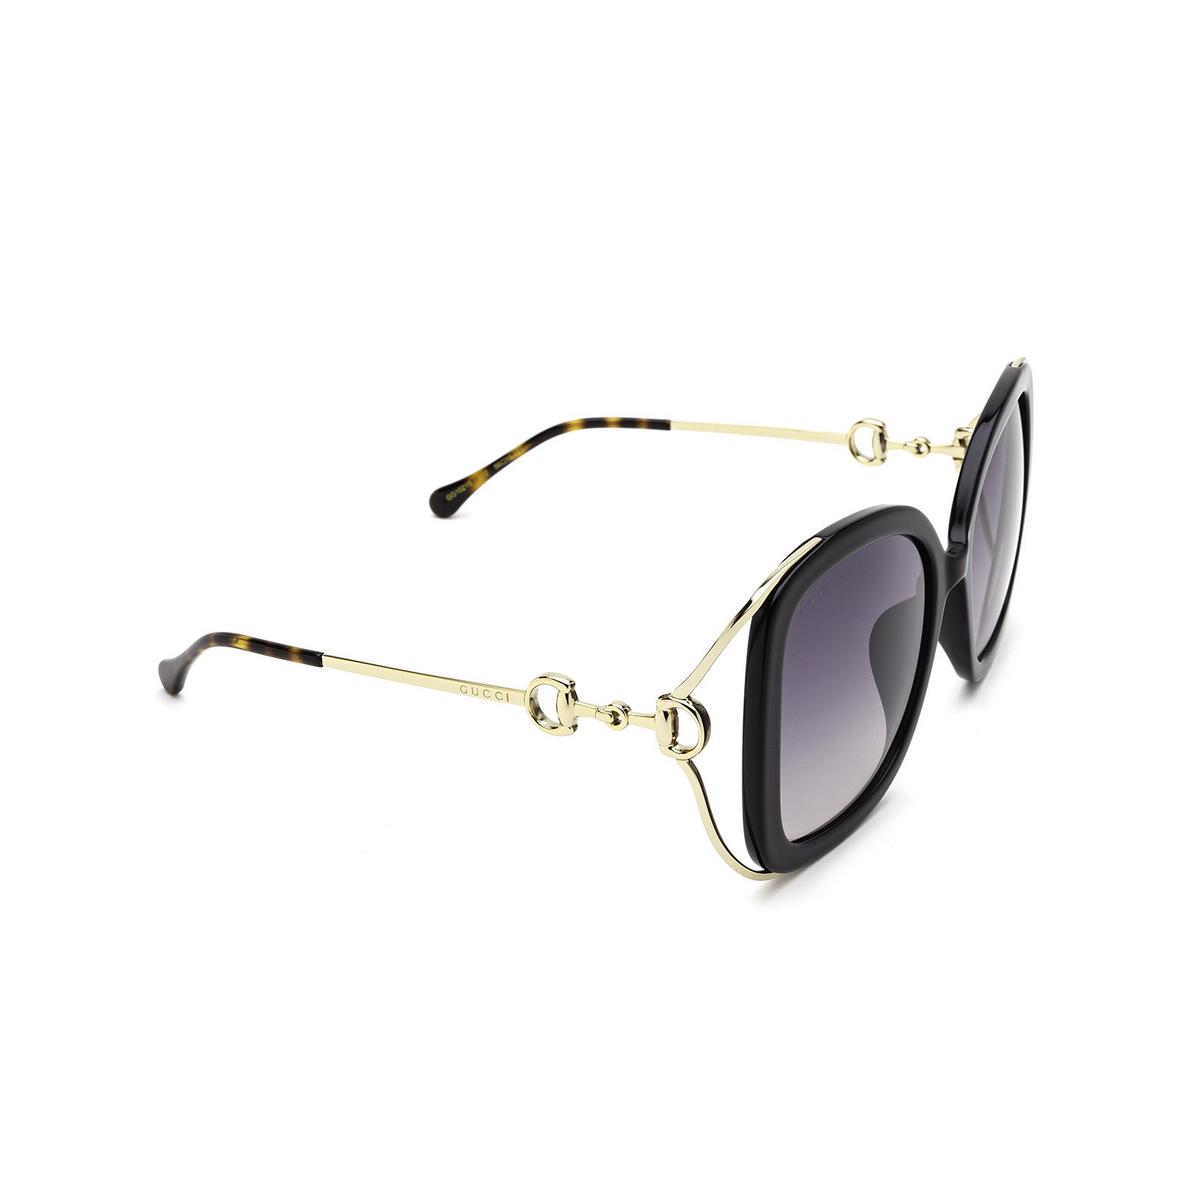 Gucci® Square Sunglasses: GG1021S color Black 002 - three-quarters view.